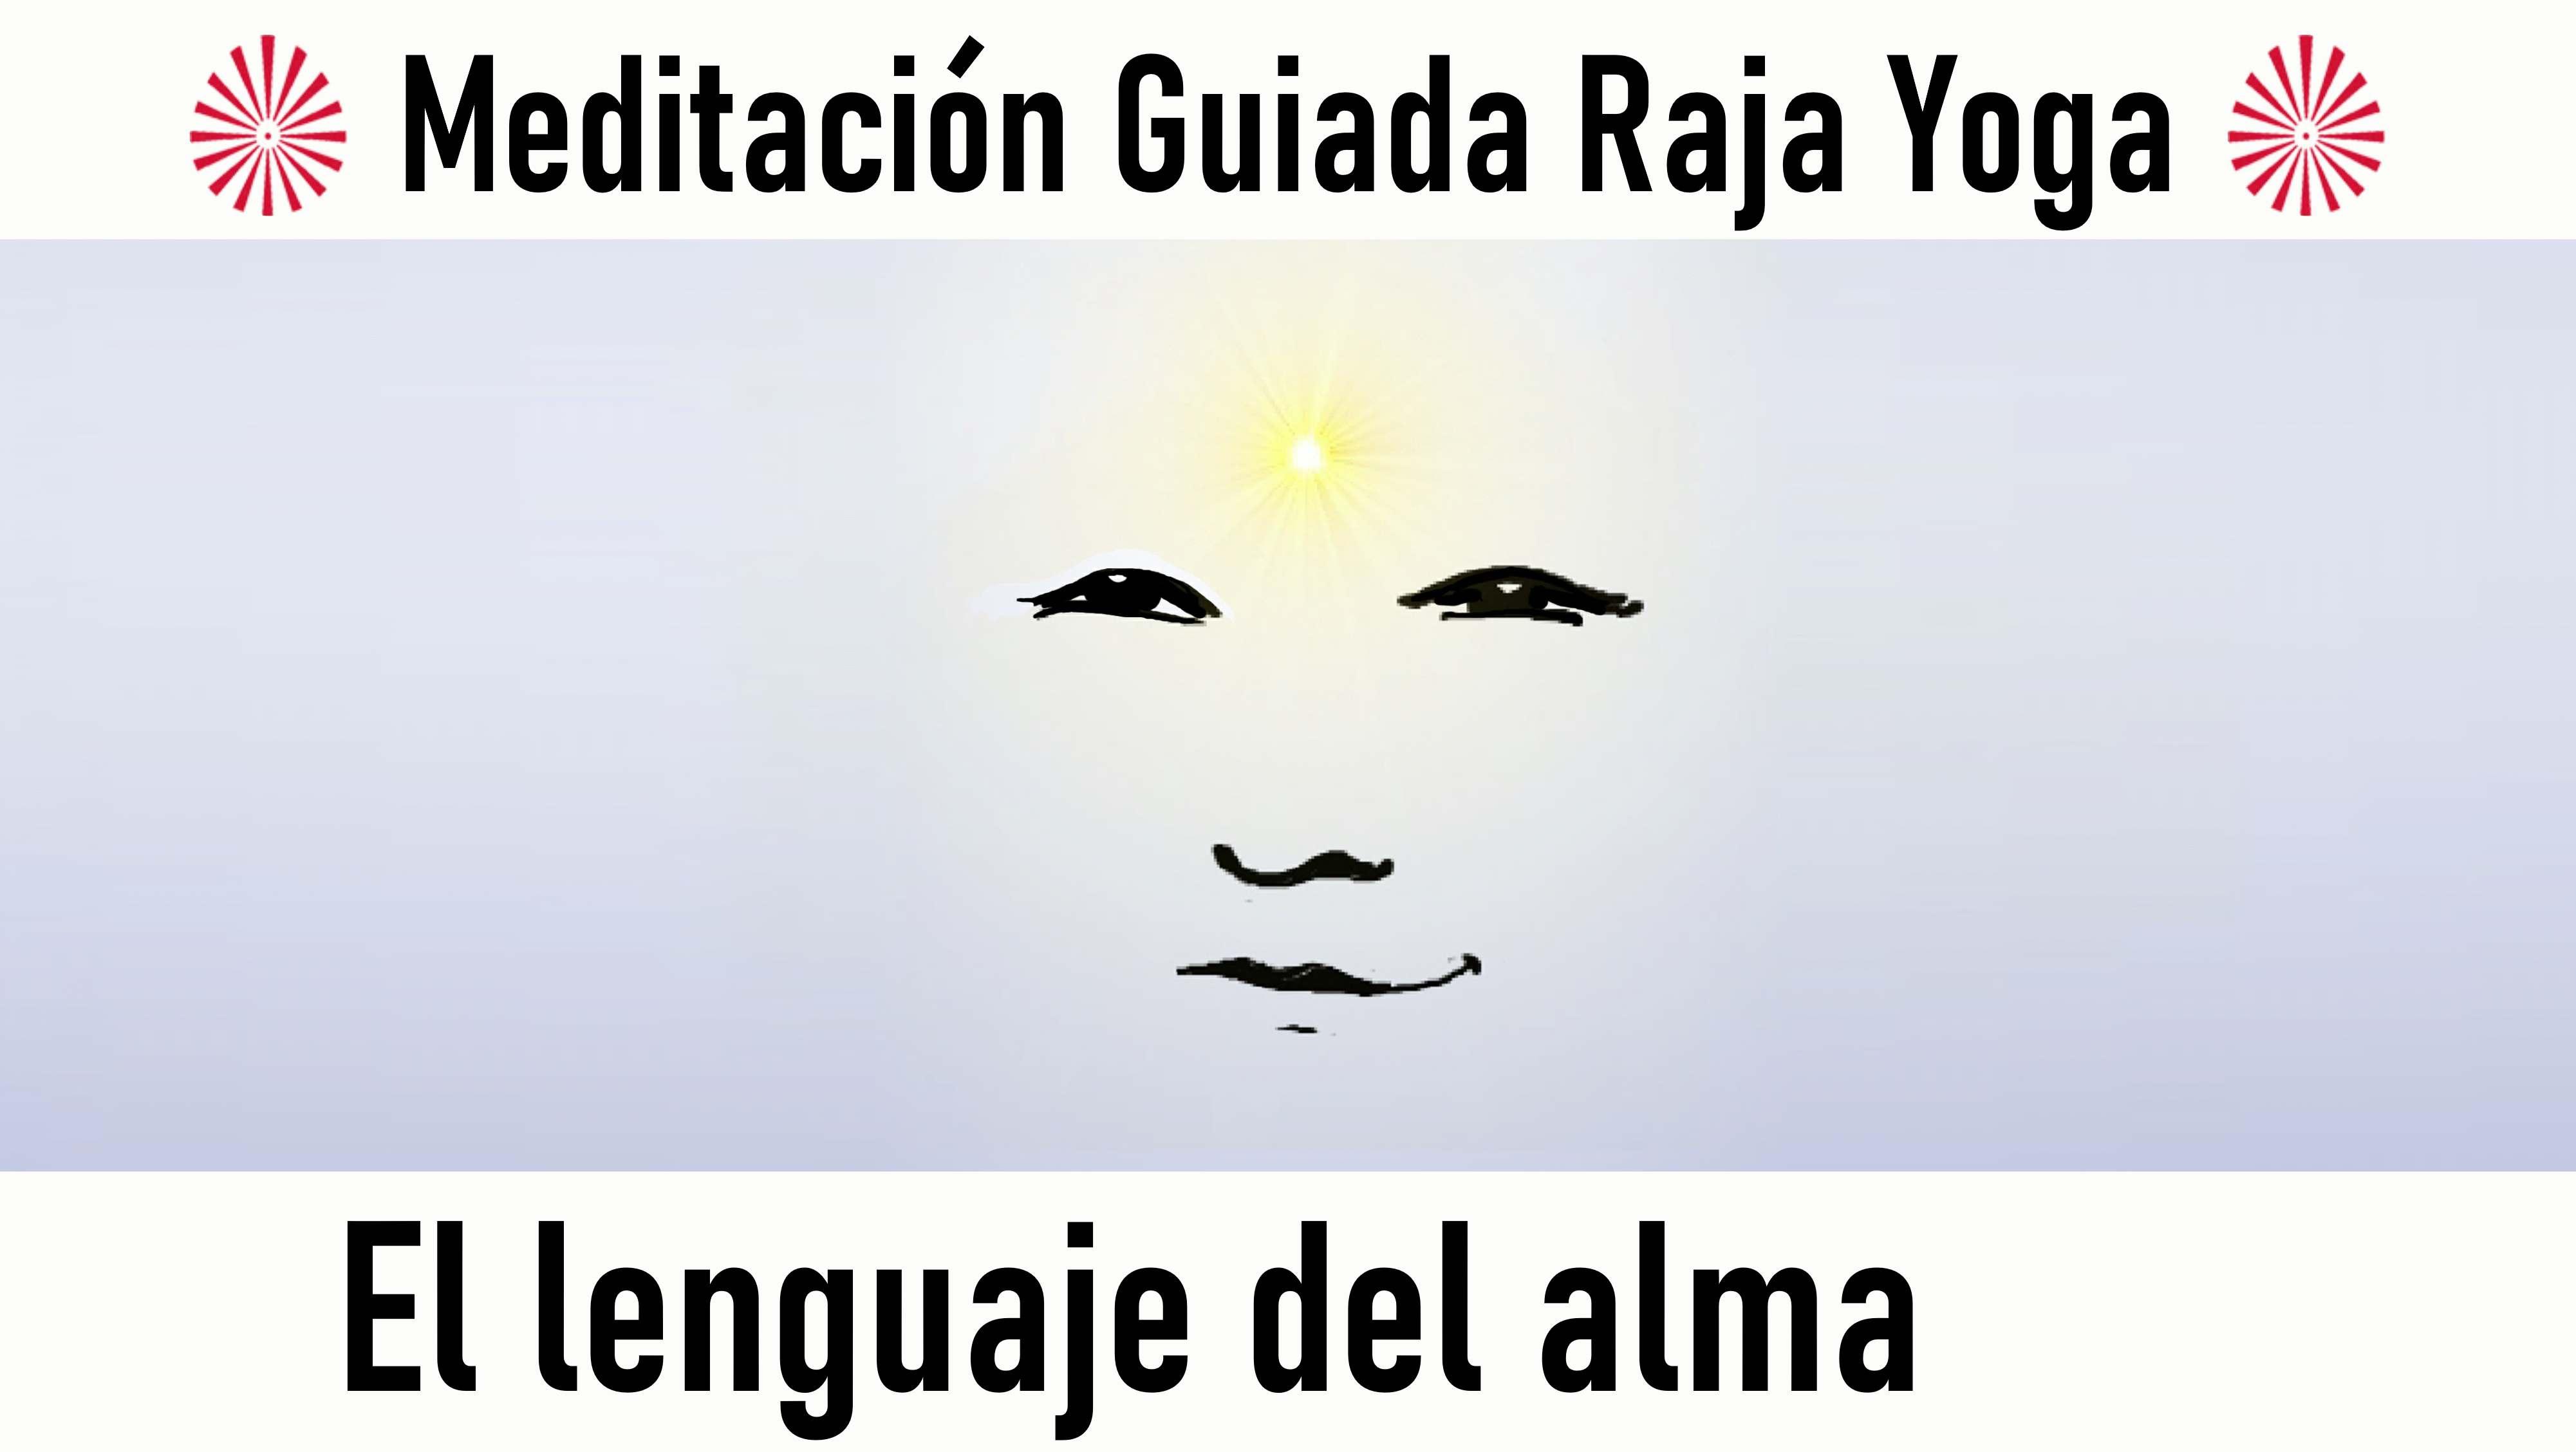 Meditación Raja Yoga: El lenguaje del alma (27 Agosto 2020) On-line desde Barcelona